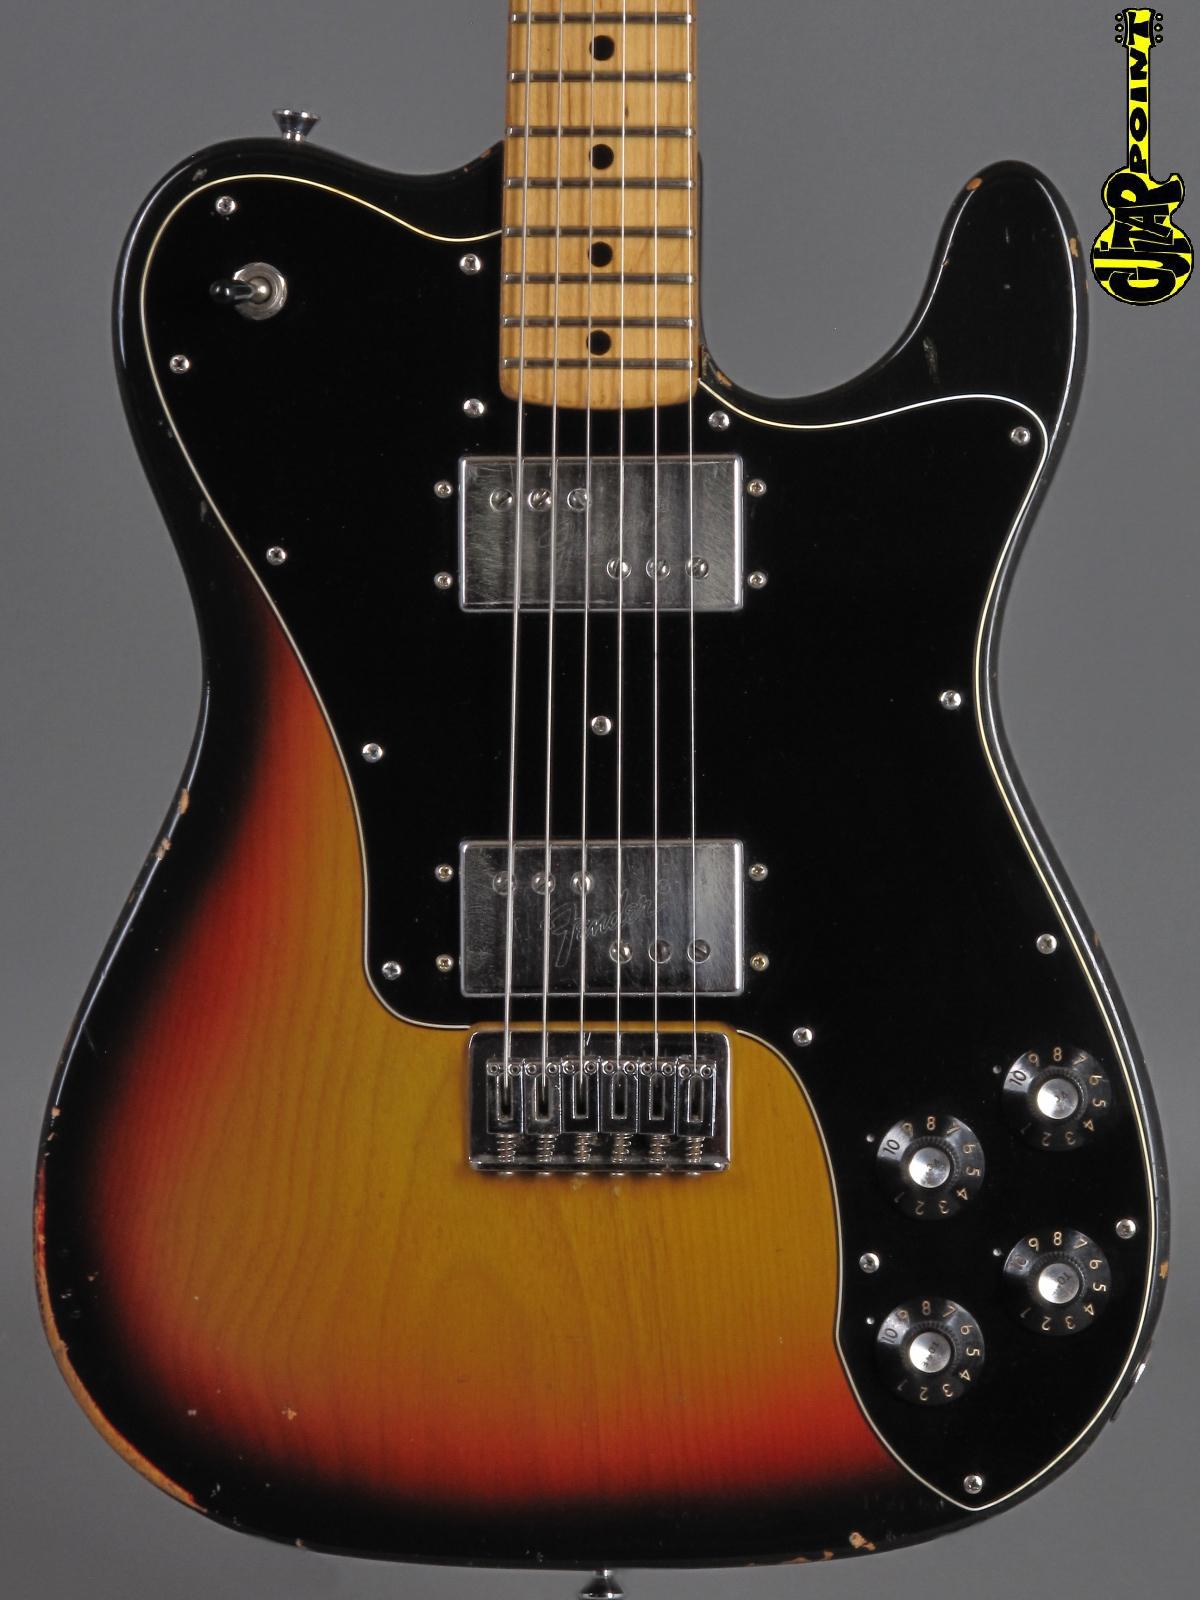 1973 Fender Telecaster DeLuxe - 3-tone Sunburst